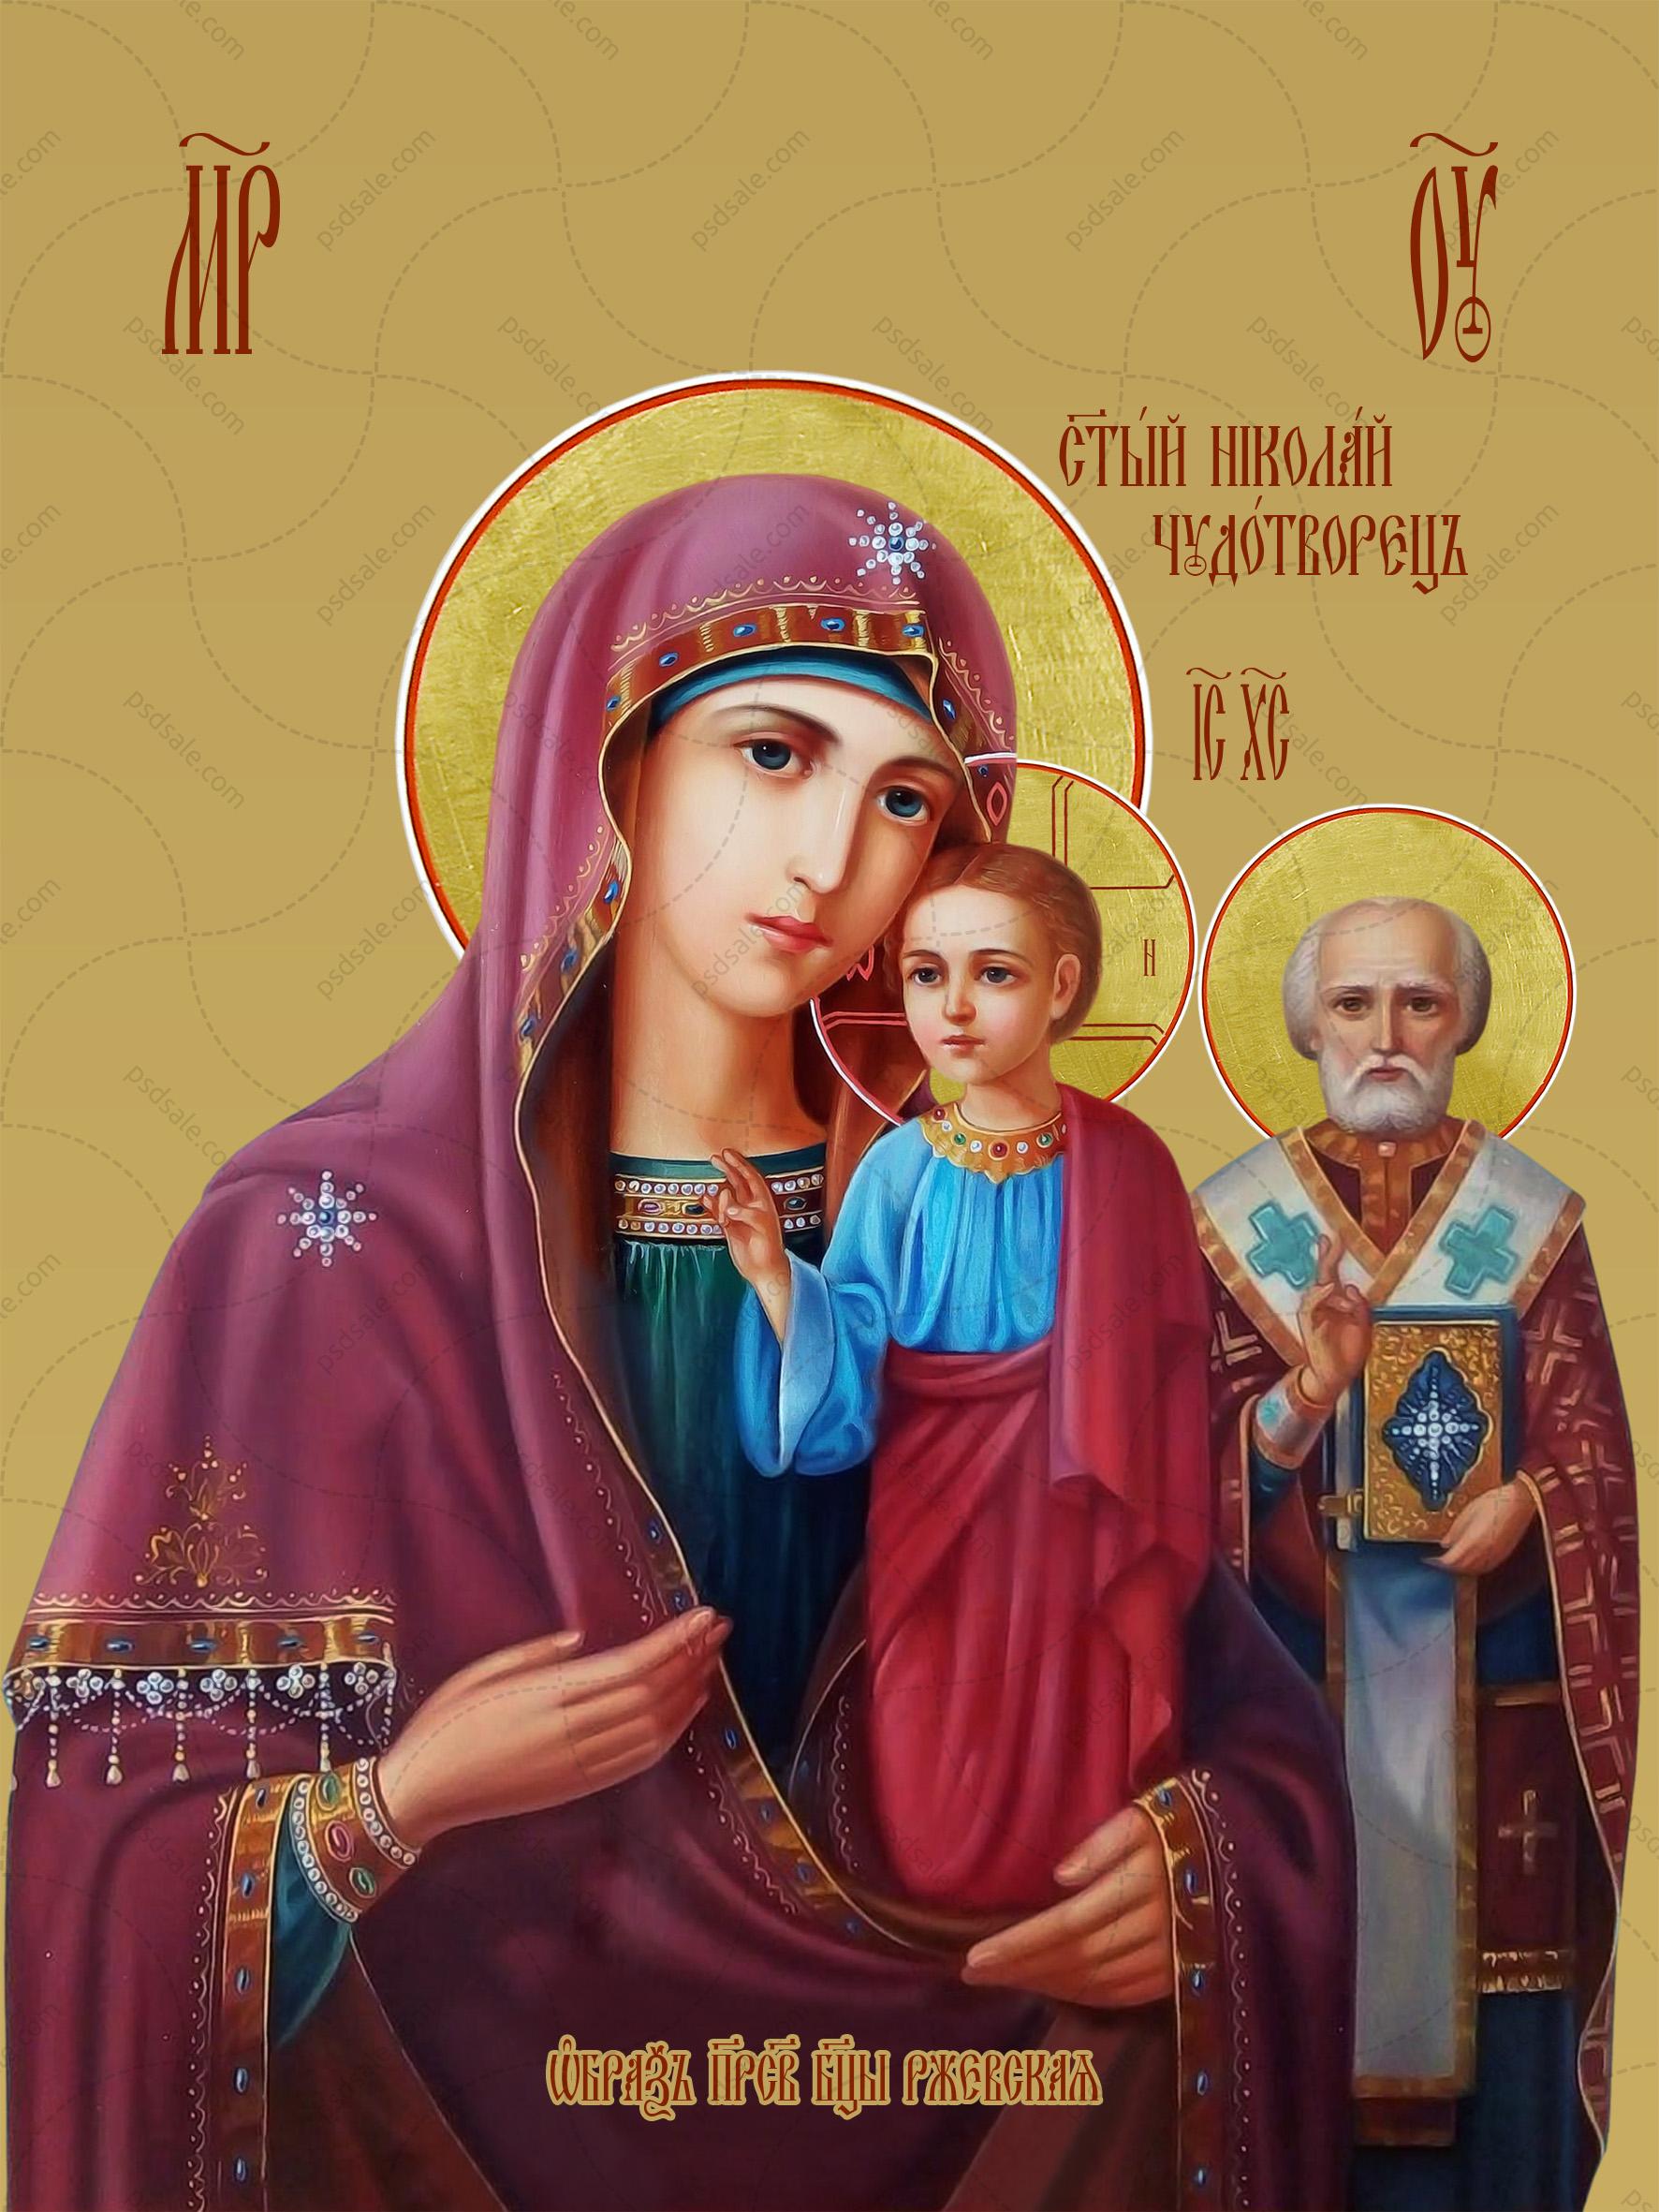 Ржевская икона божьей матери